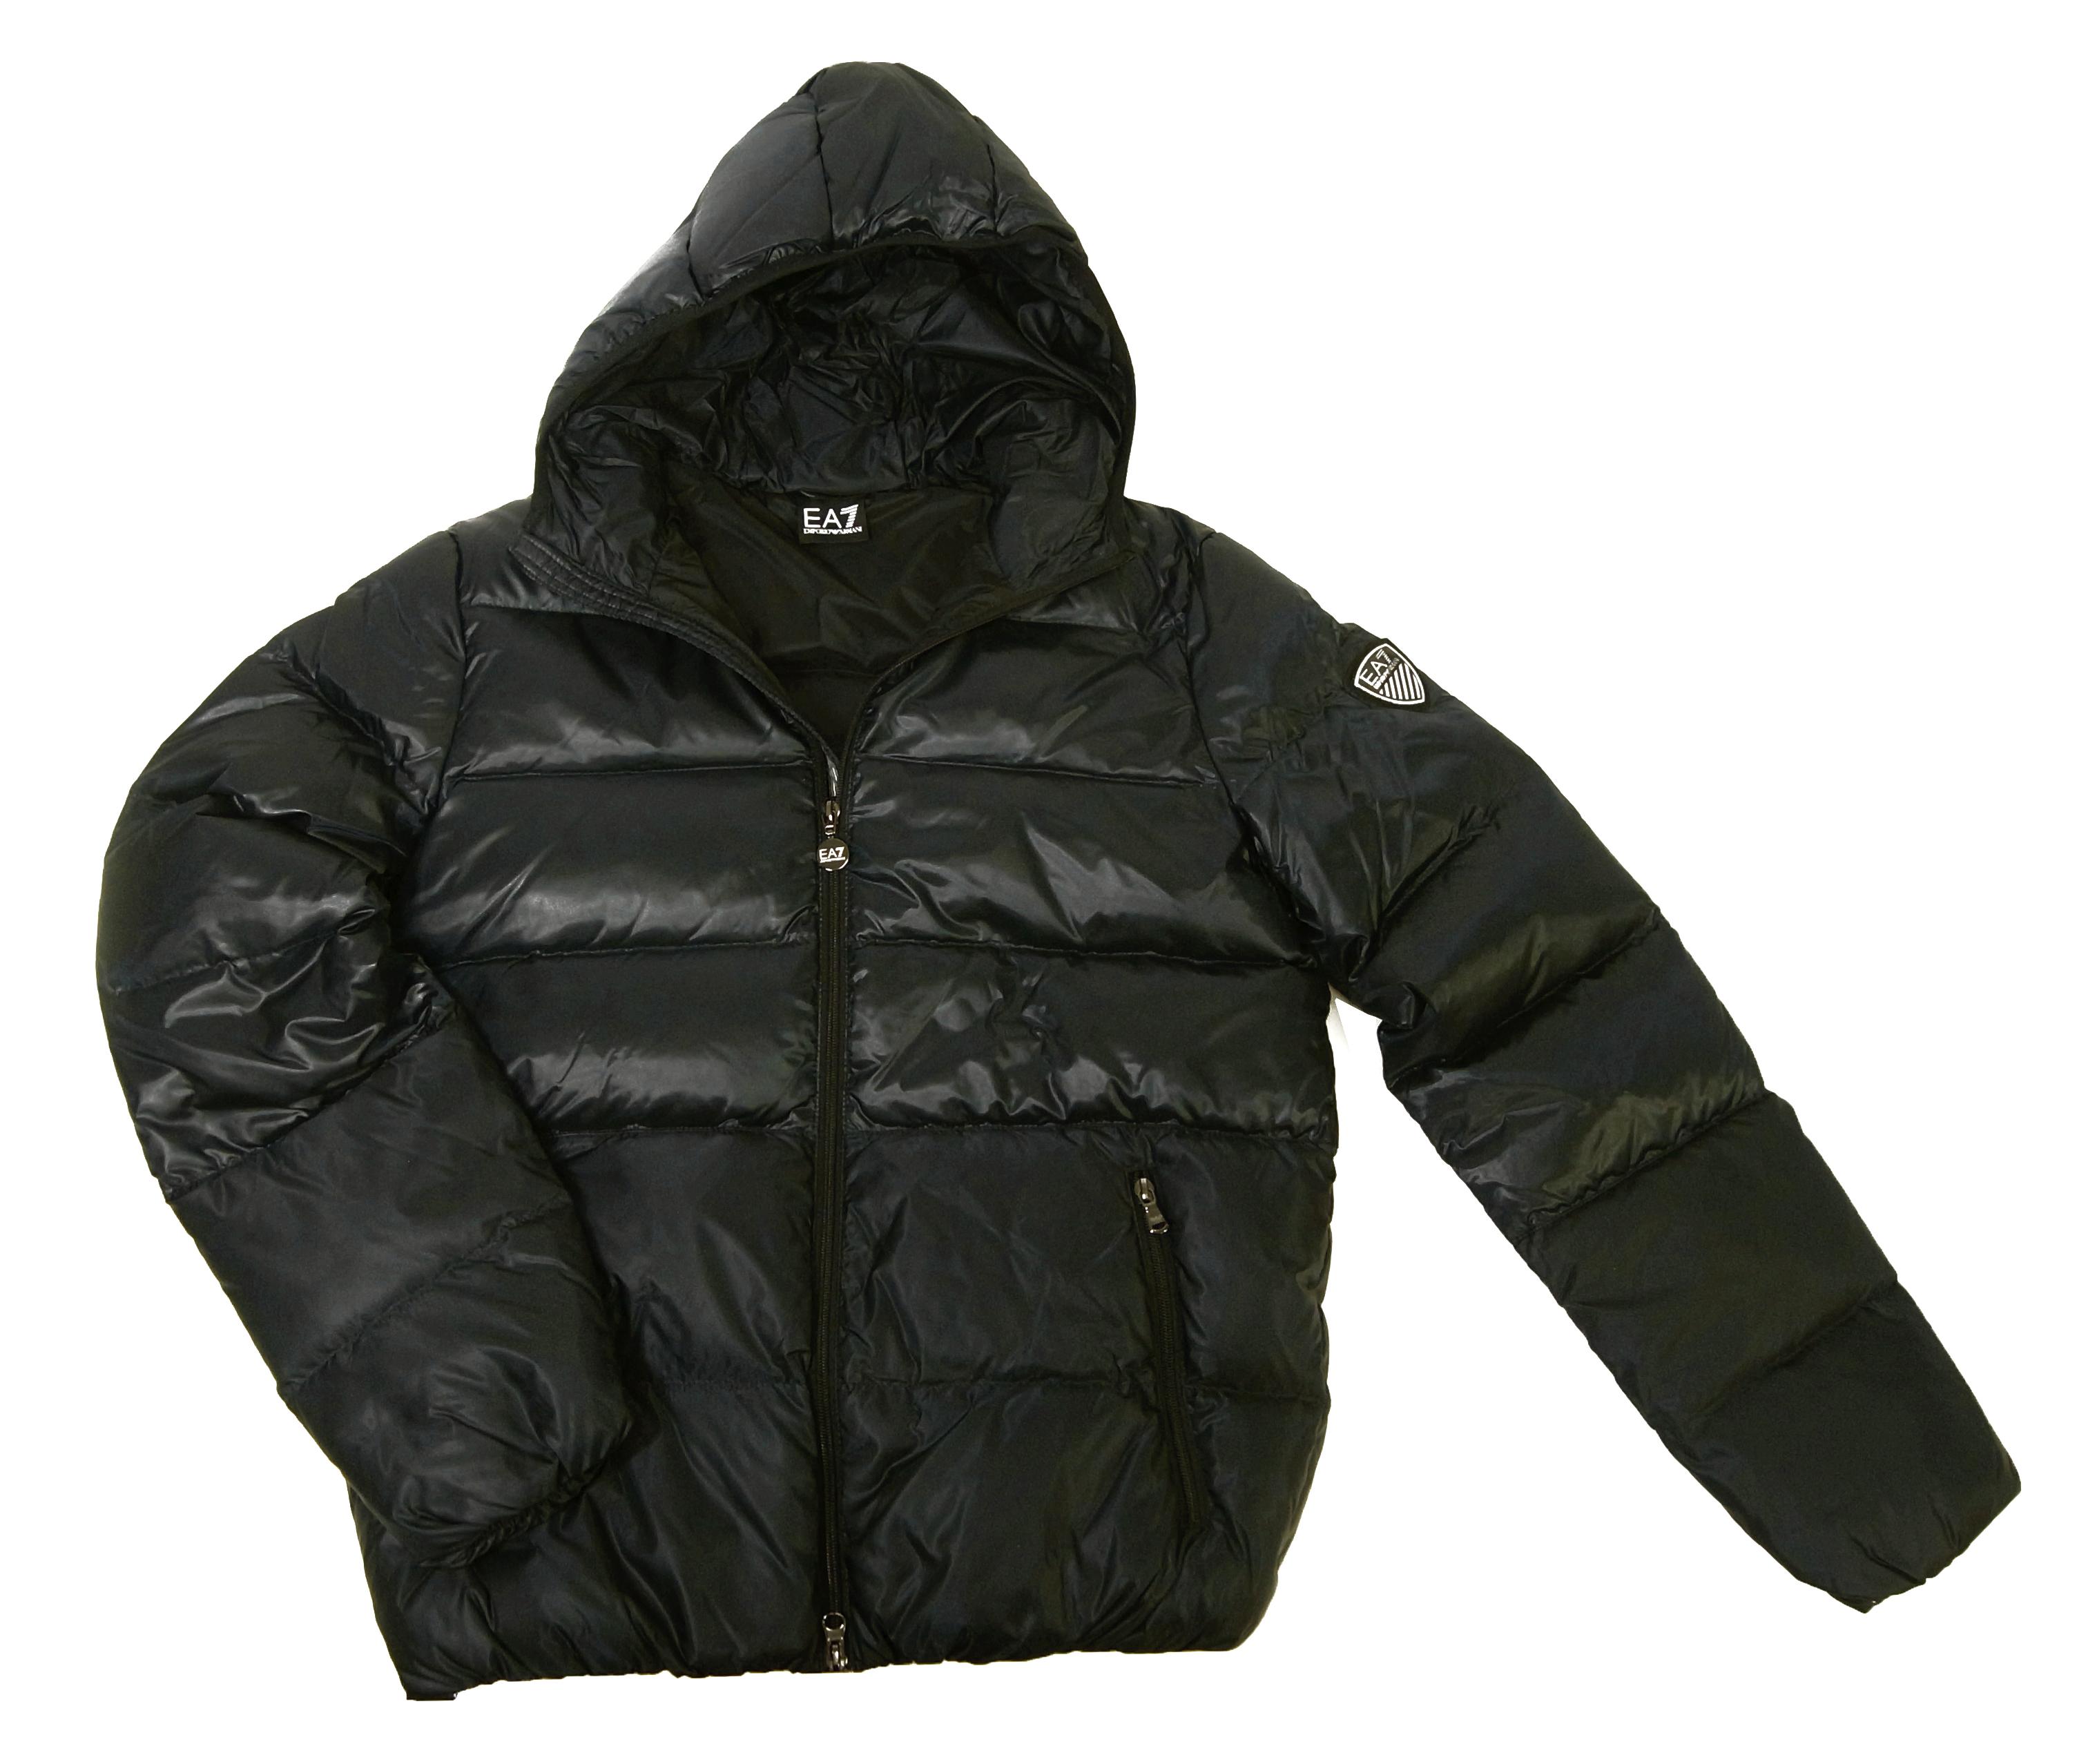 online store 1abf9 00c4b ダウン ジャケット Mサイズ エンポリオアルマーニ EA7(ダークスレート)